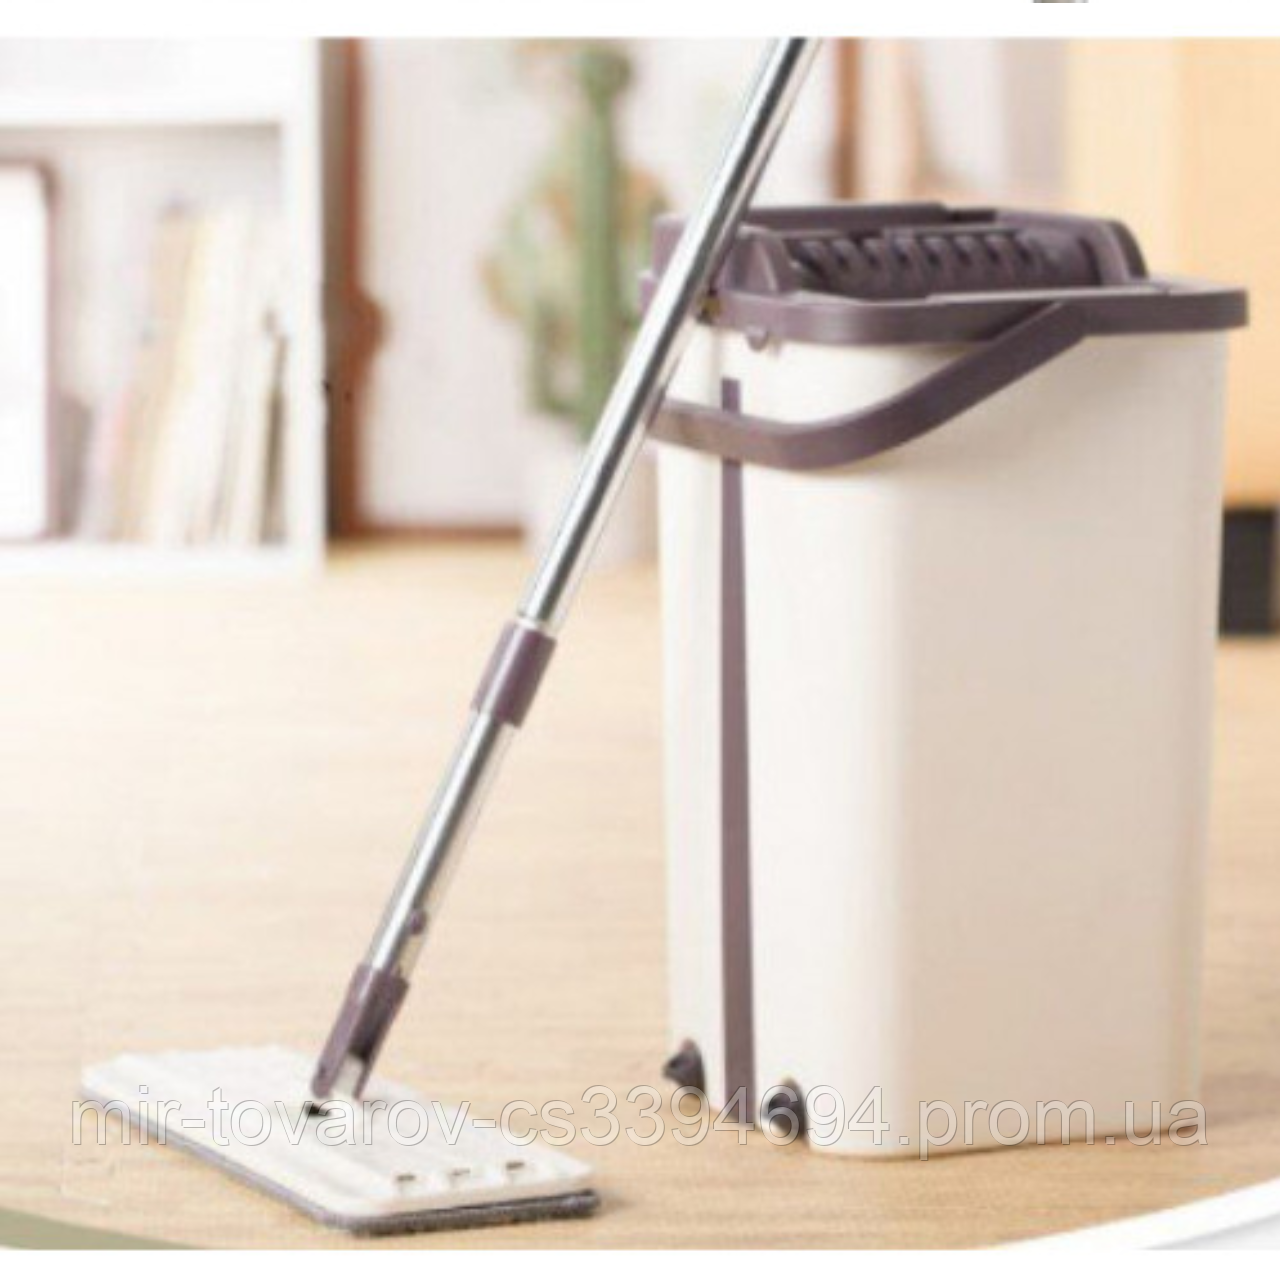 Швабра з відром з автоматичним віджимом Easy Mop | Комплект для прибирання Диво-швабра і відро з віджимом